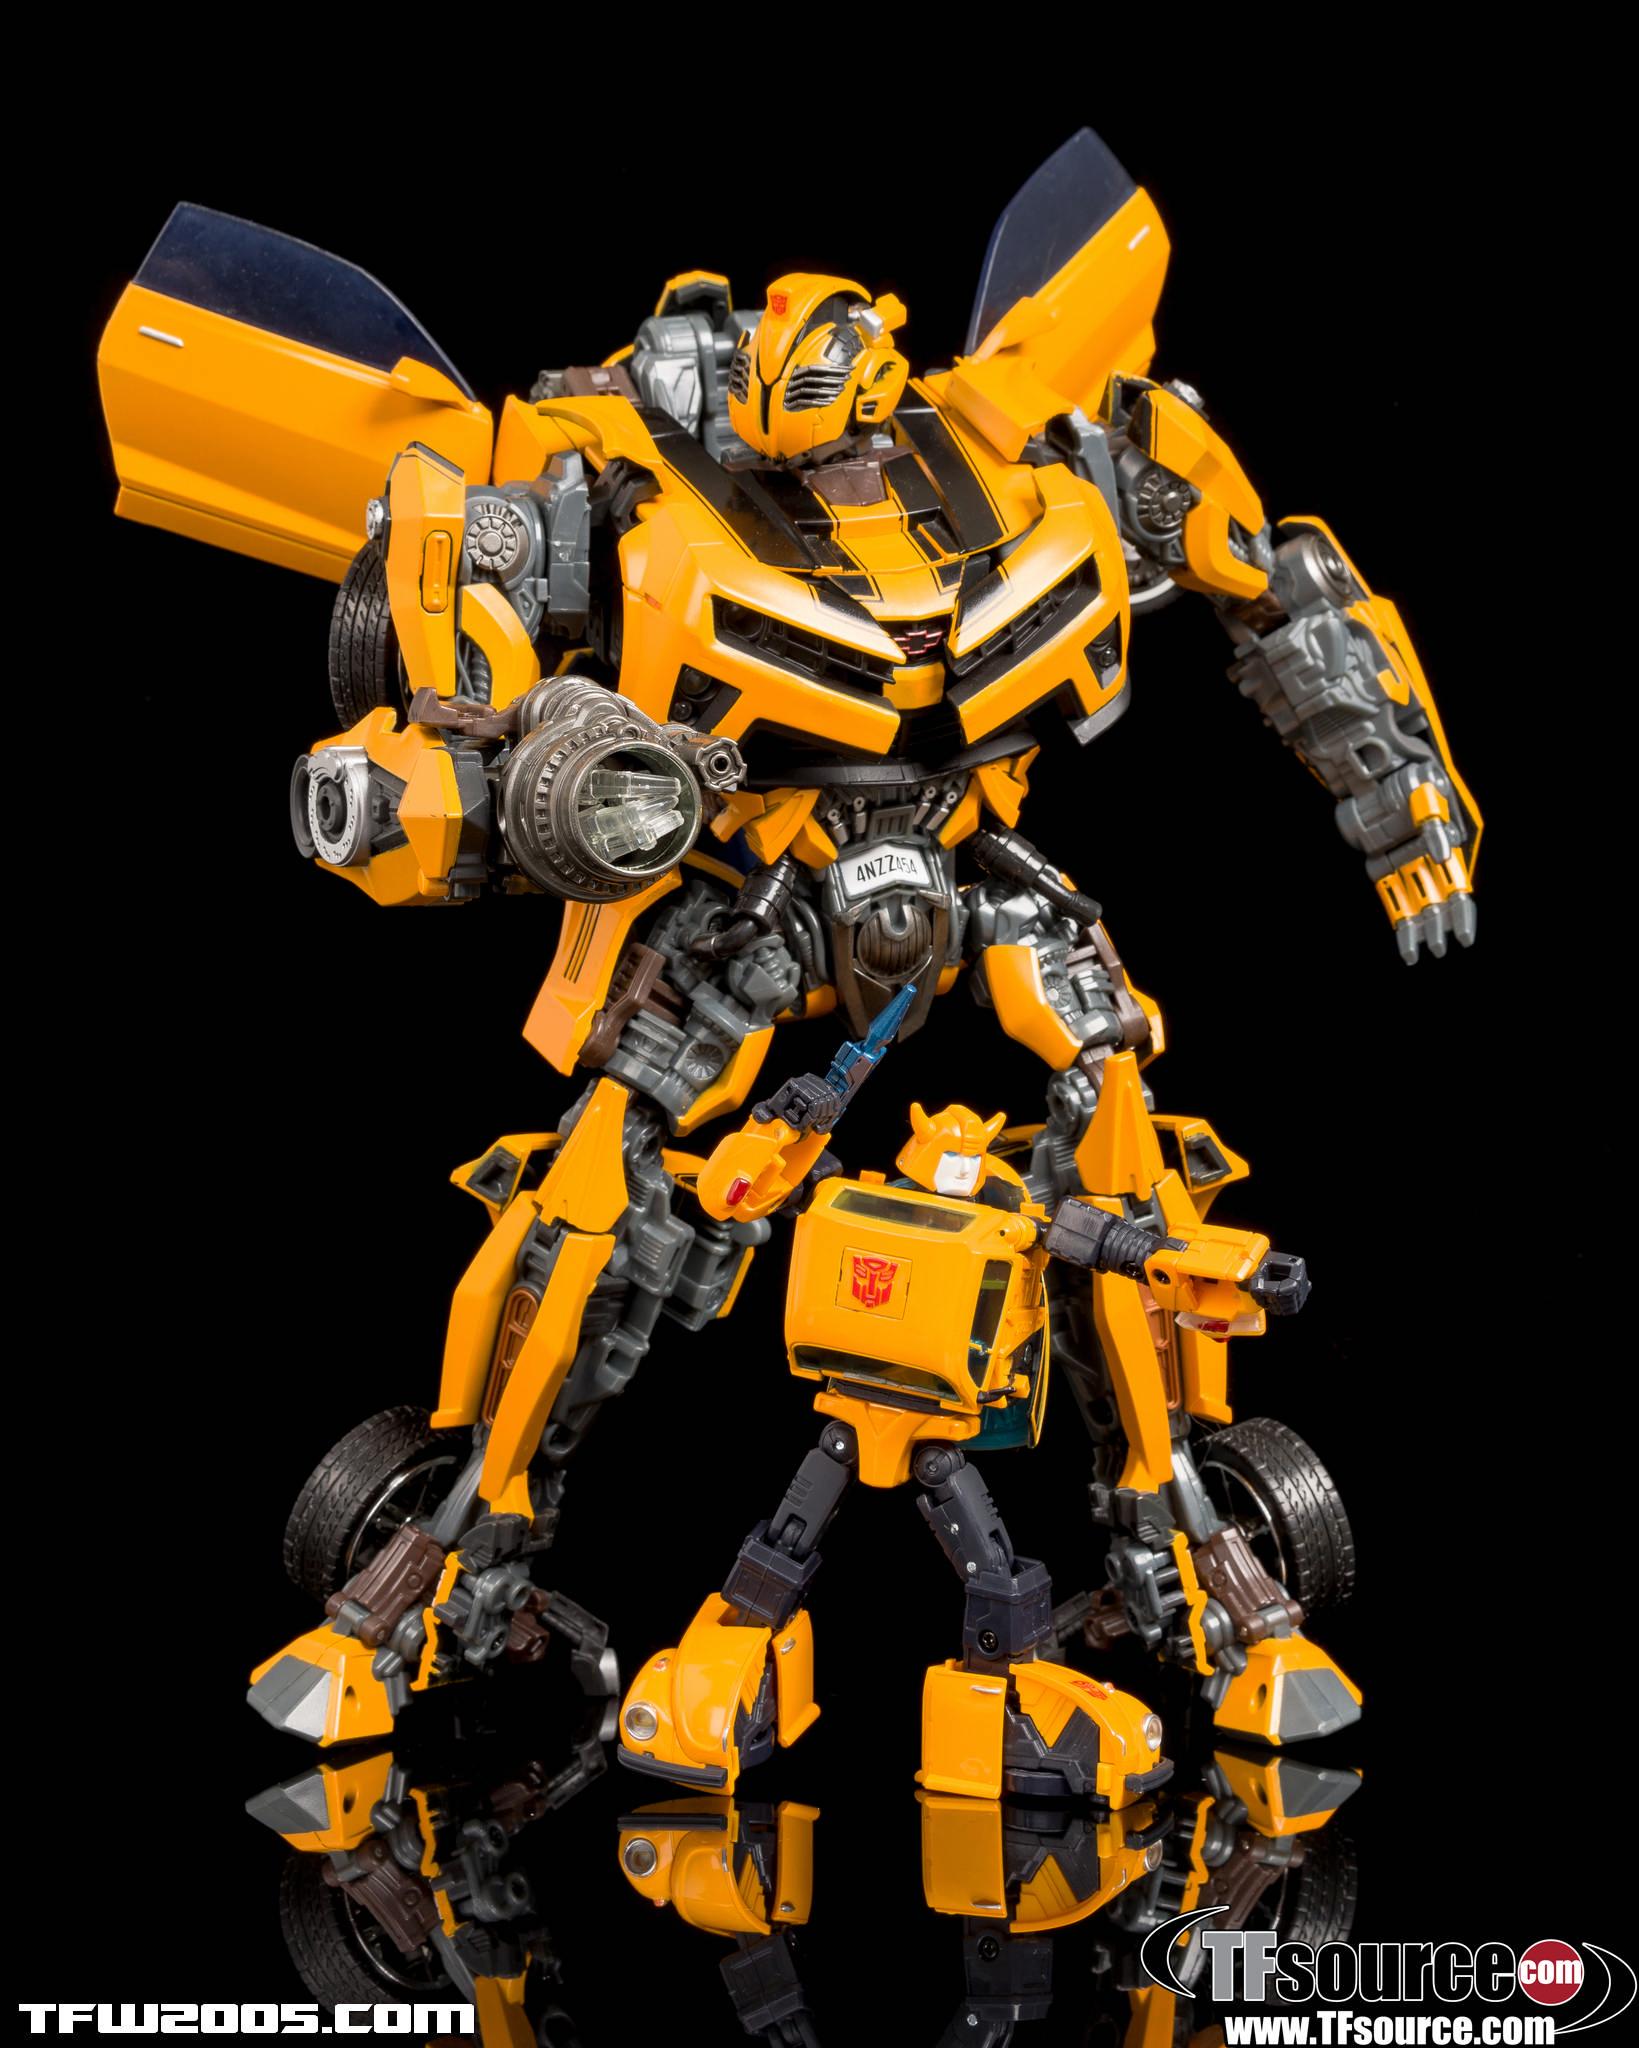 Bamblebee